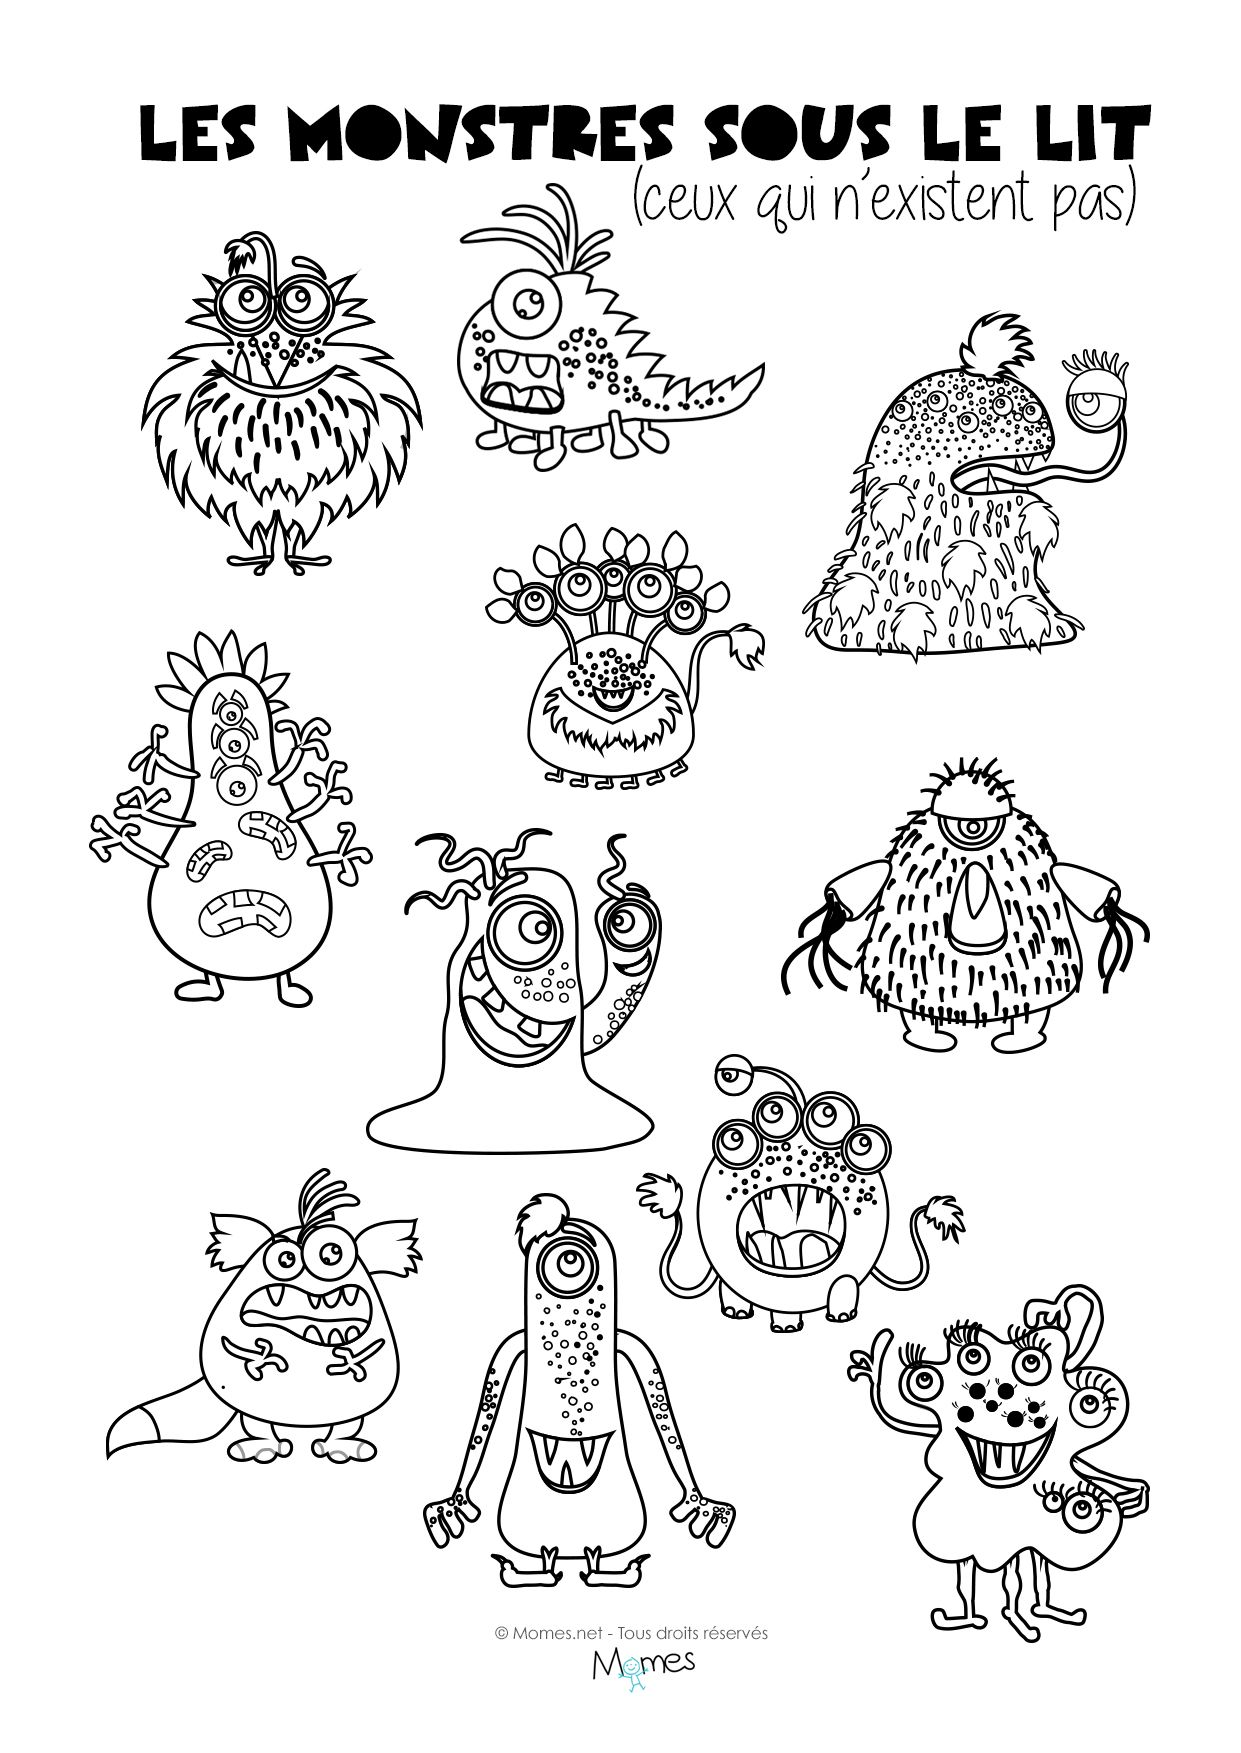 Coloriages Les Monstres Sous Le Lit Jeux à Imprimer French